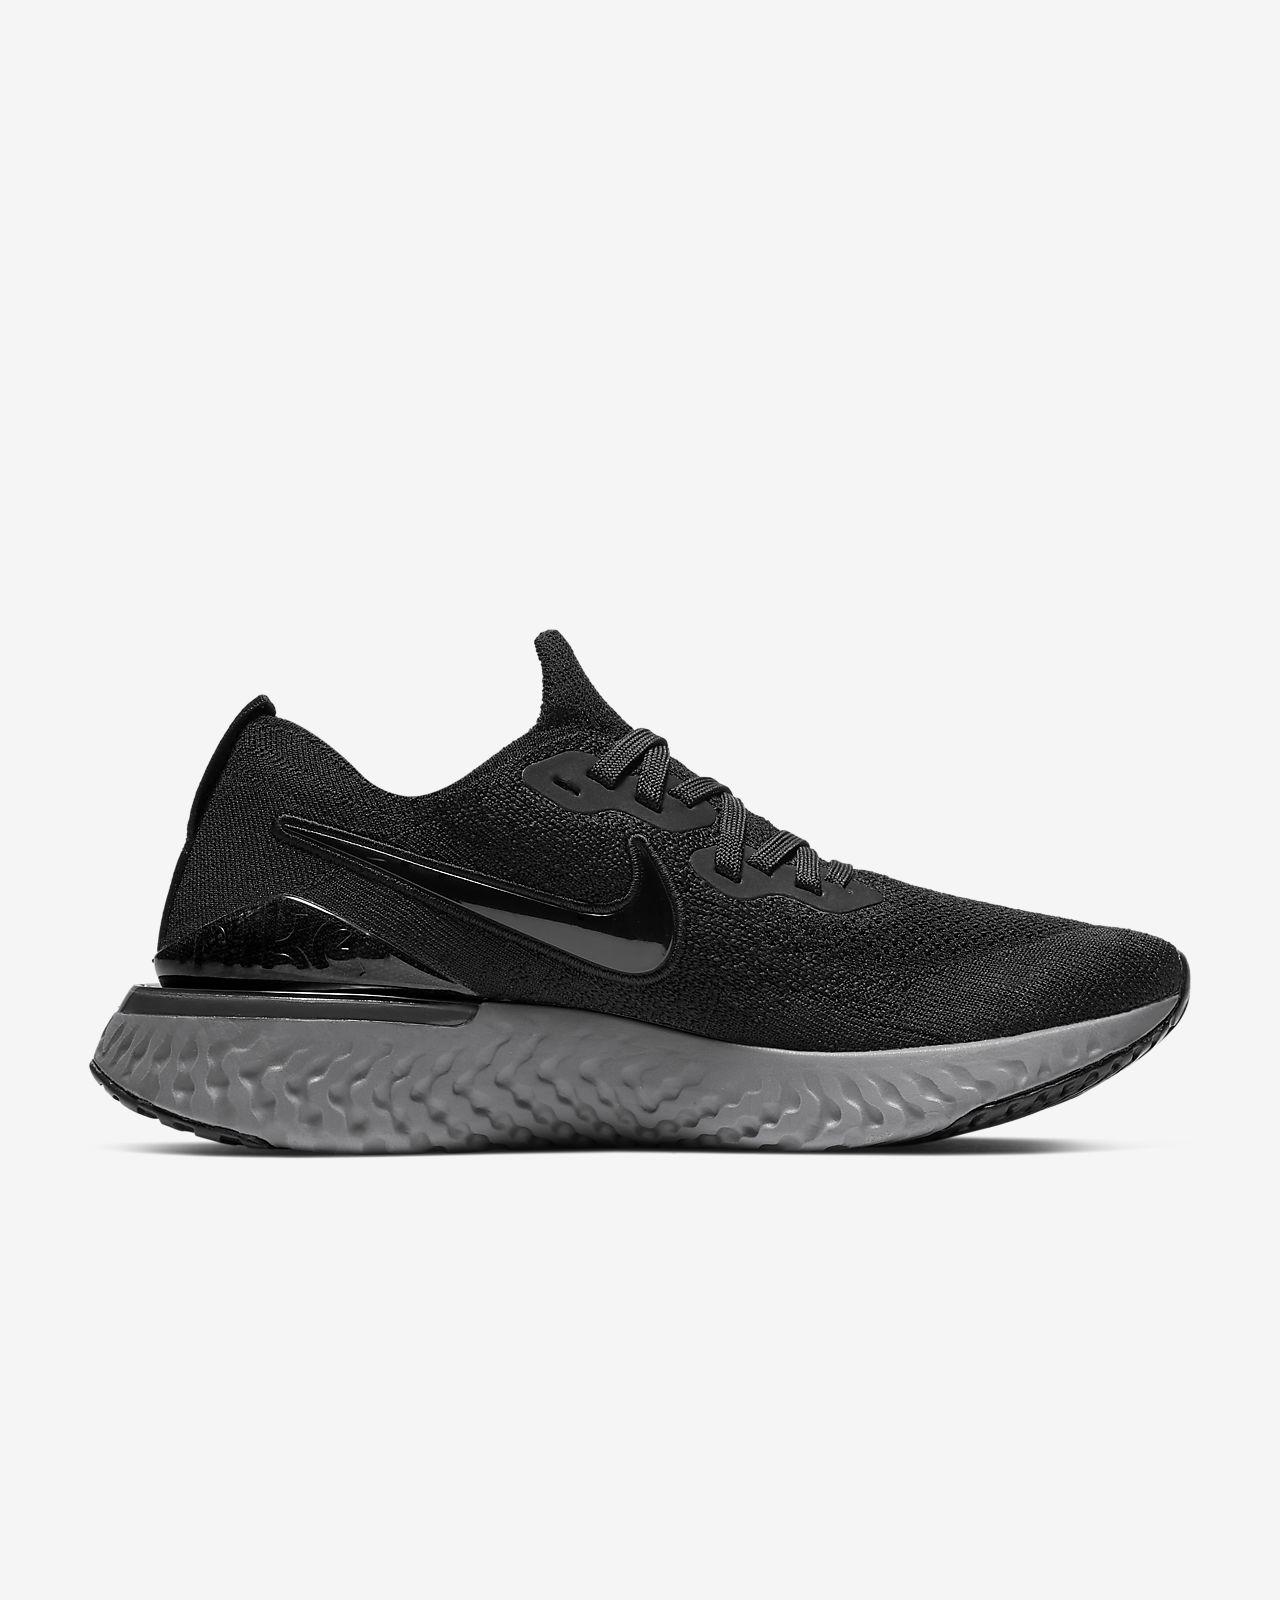 6f4e21ba Nike Epic React Flyknit 2 Women's Running Shoe. Nike.com CA